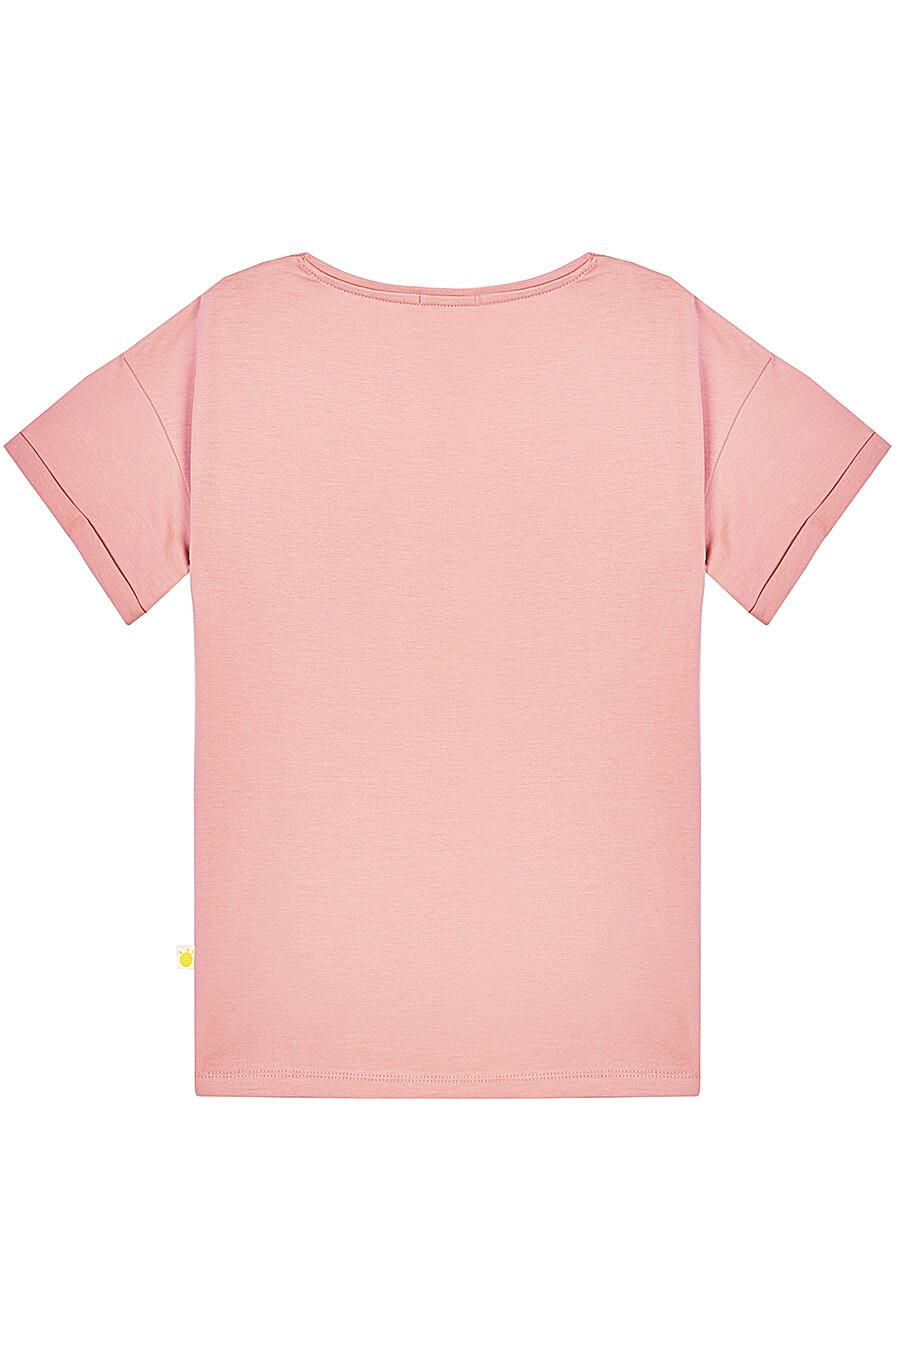 Футболка для девочек KOGANKIDS 682750 купить оптом от производителя. Совместная покупка детской одежды в OptMoyo